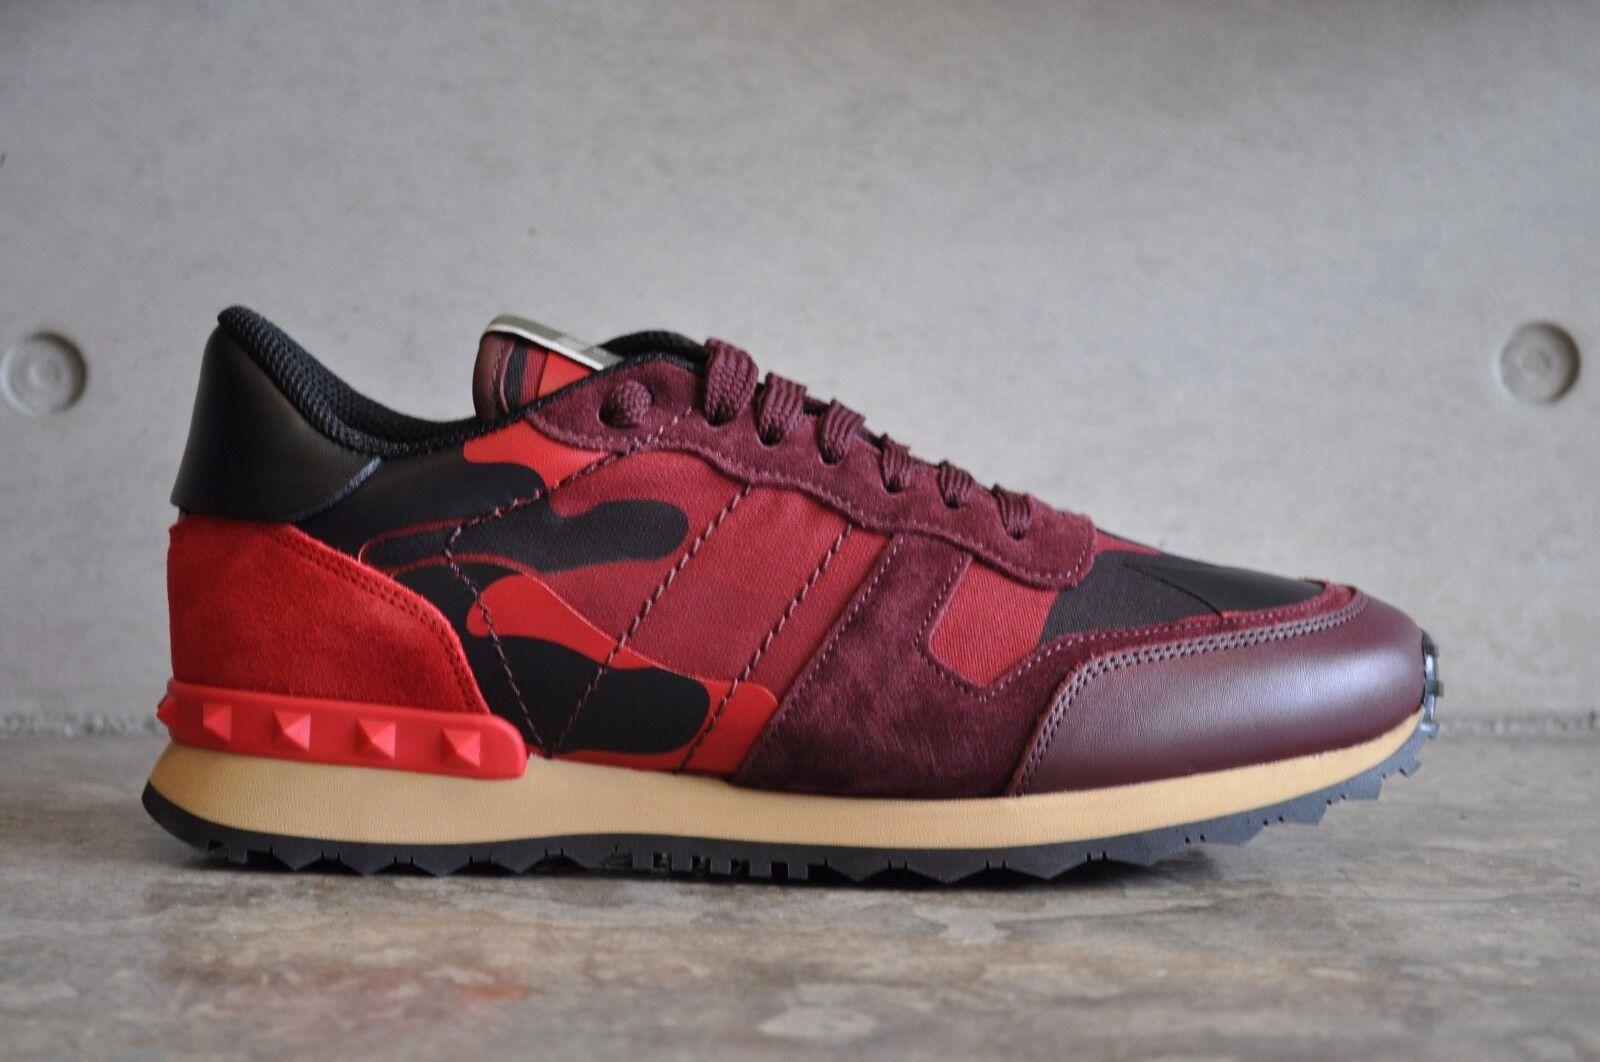 clienti prima reputazione prima VALENTINO VALENTINO VALENTINO Rockrunner Rosso scarpe da ginnastica mimetica 39.5 EUR  l'intera rete più bassa